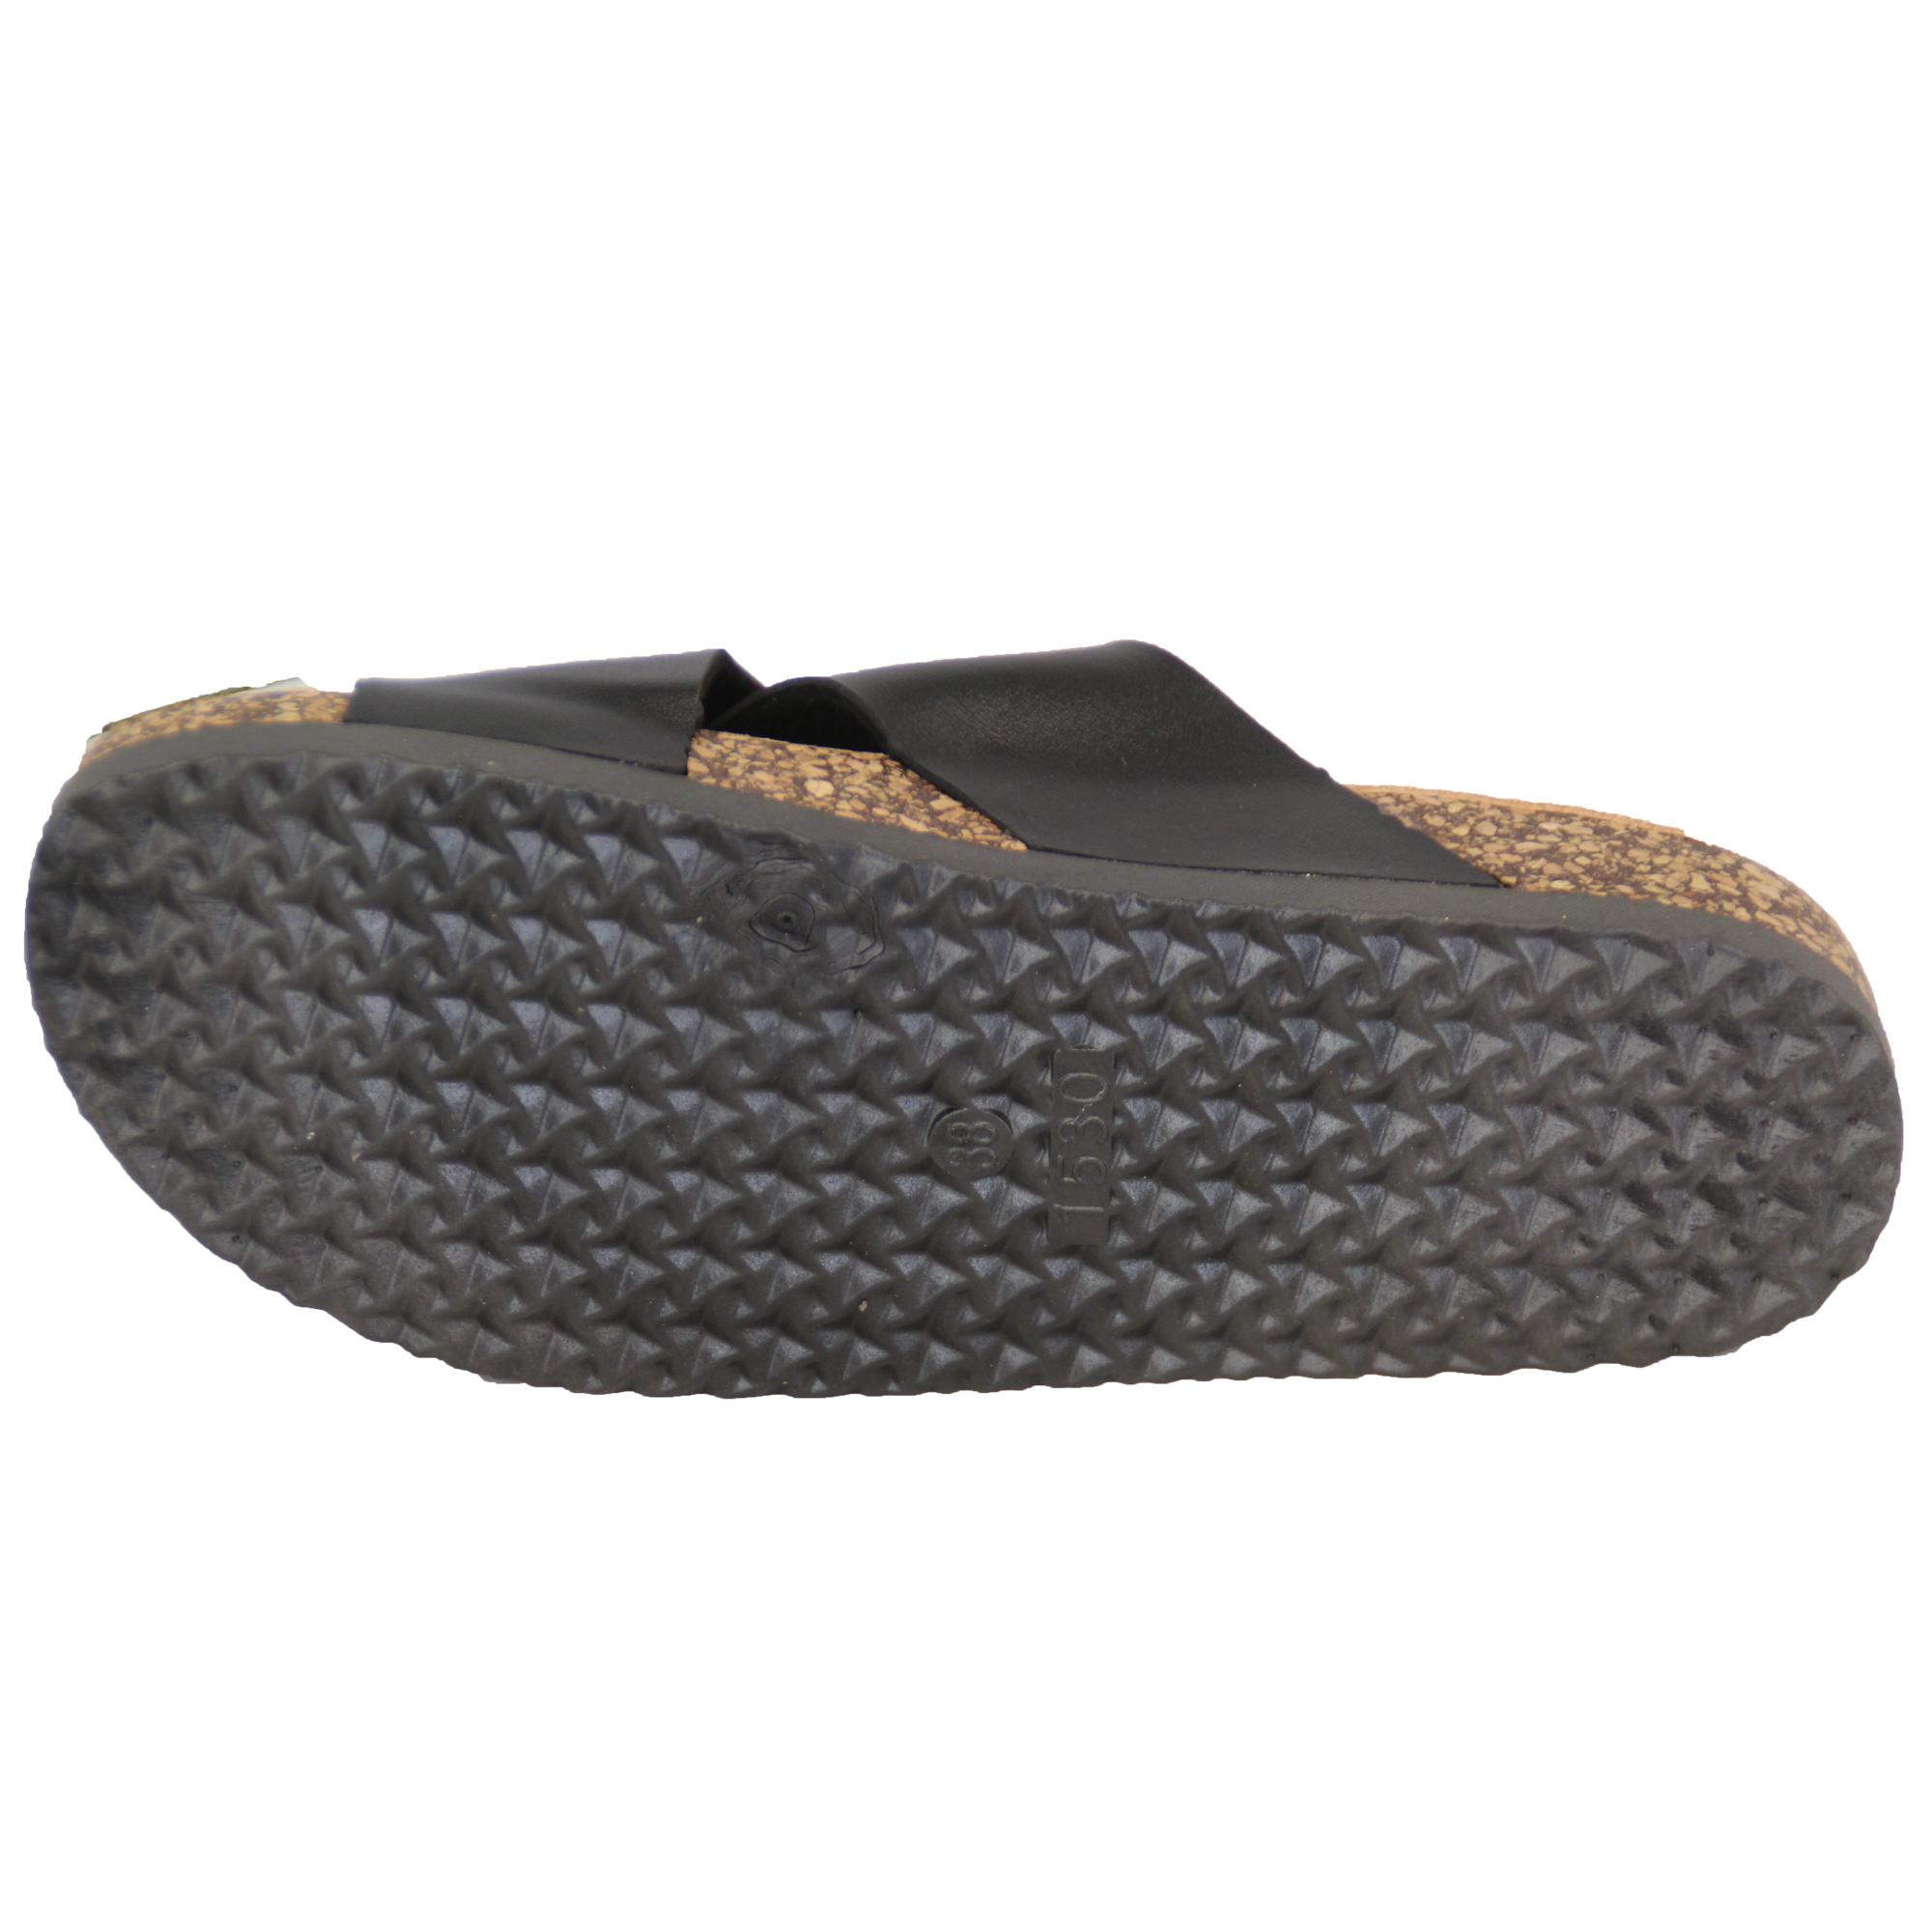 Ladies Cork Slippers Womens Sliders Mule Sandals Slip On